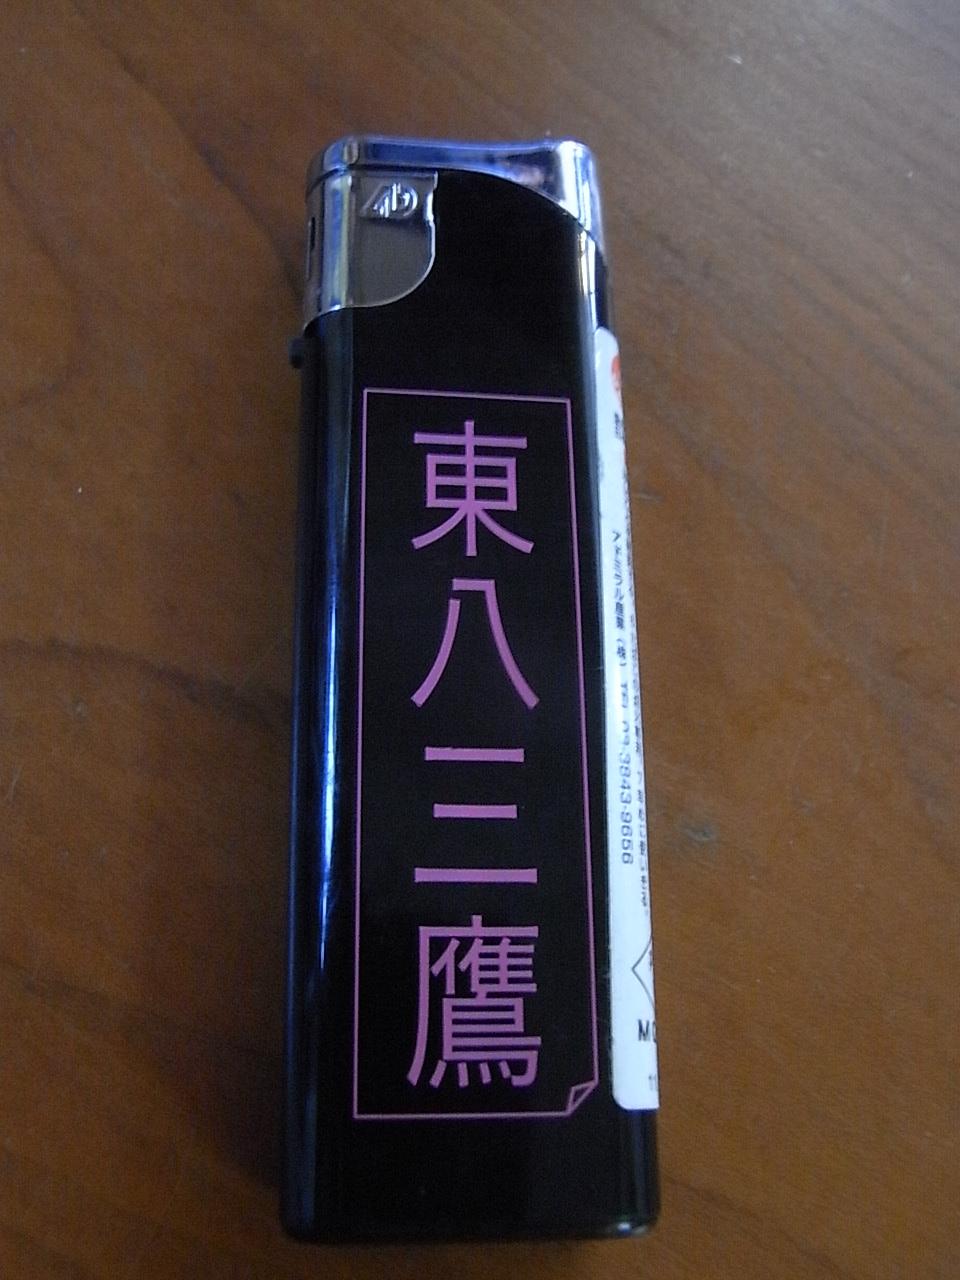 RIMG0006.JPG 960×1280 361K